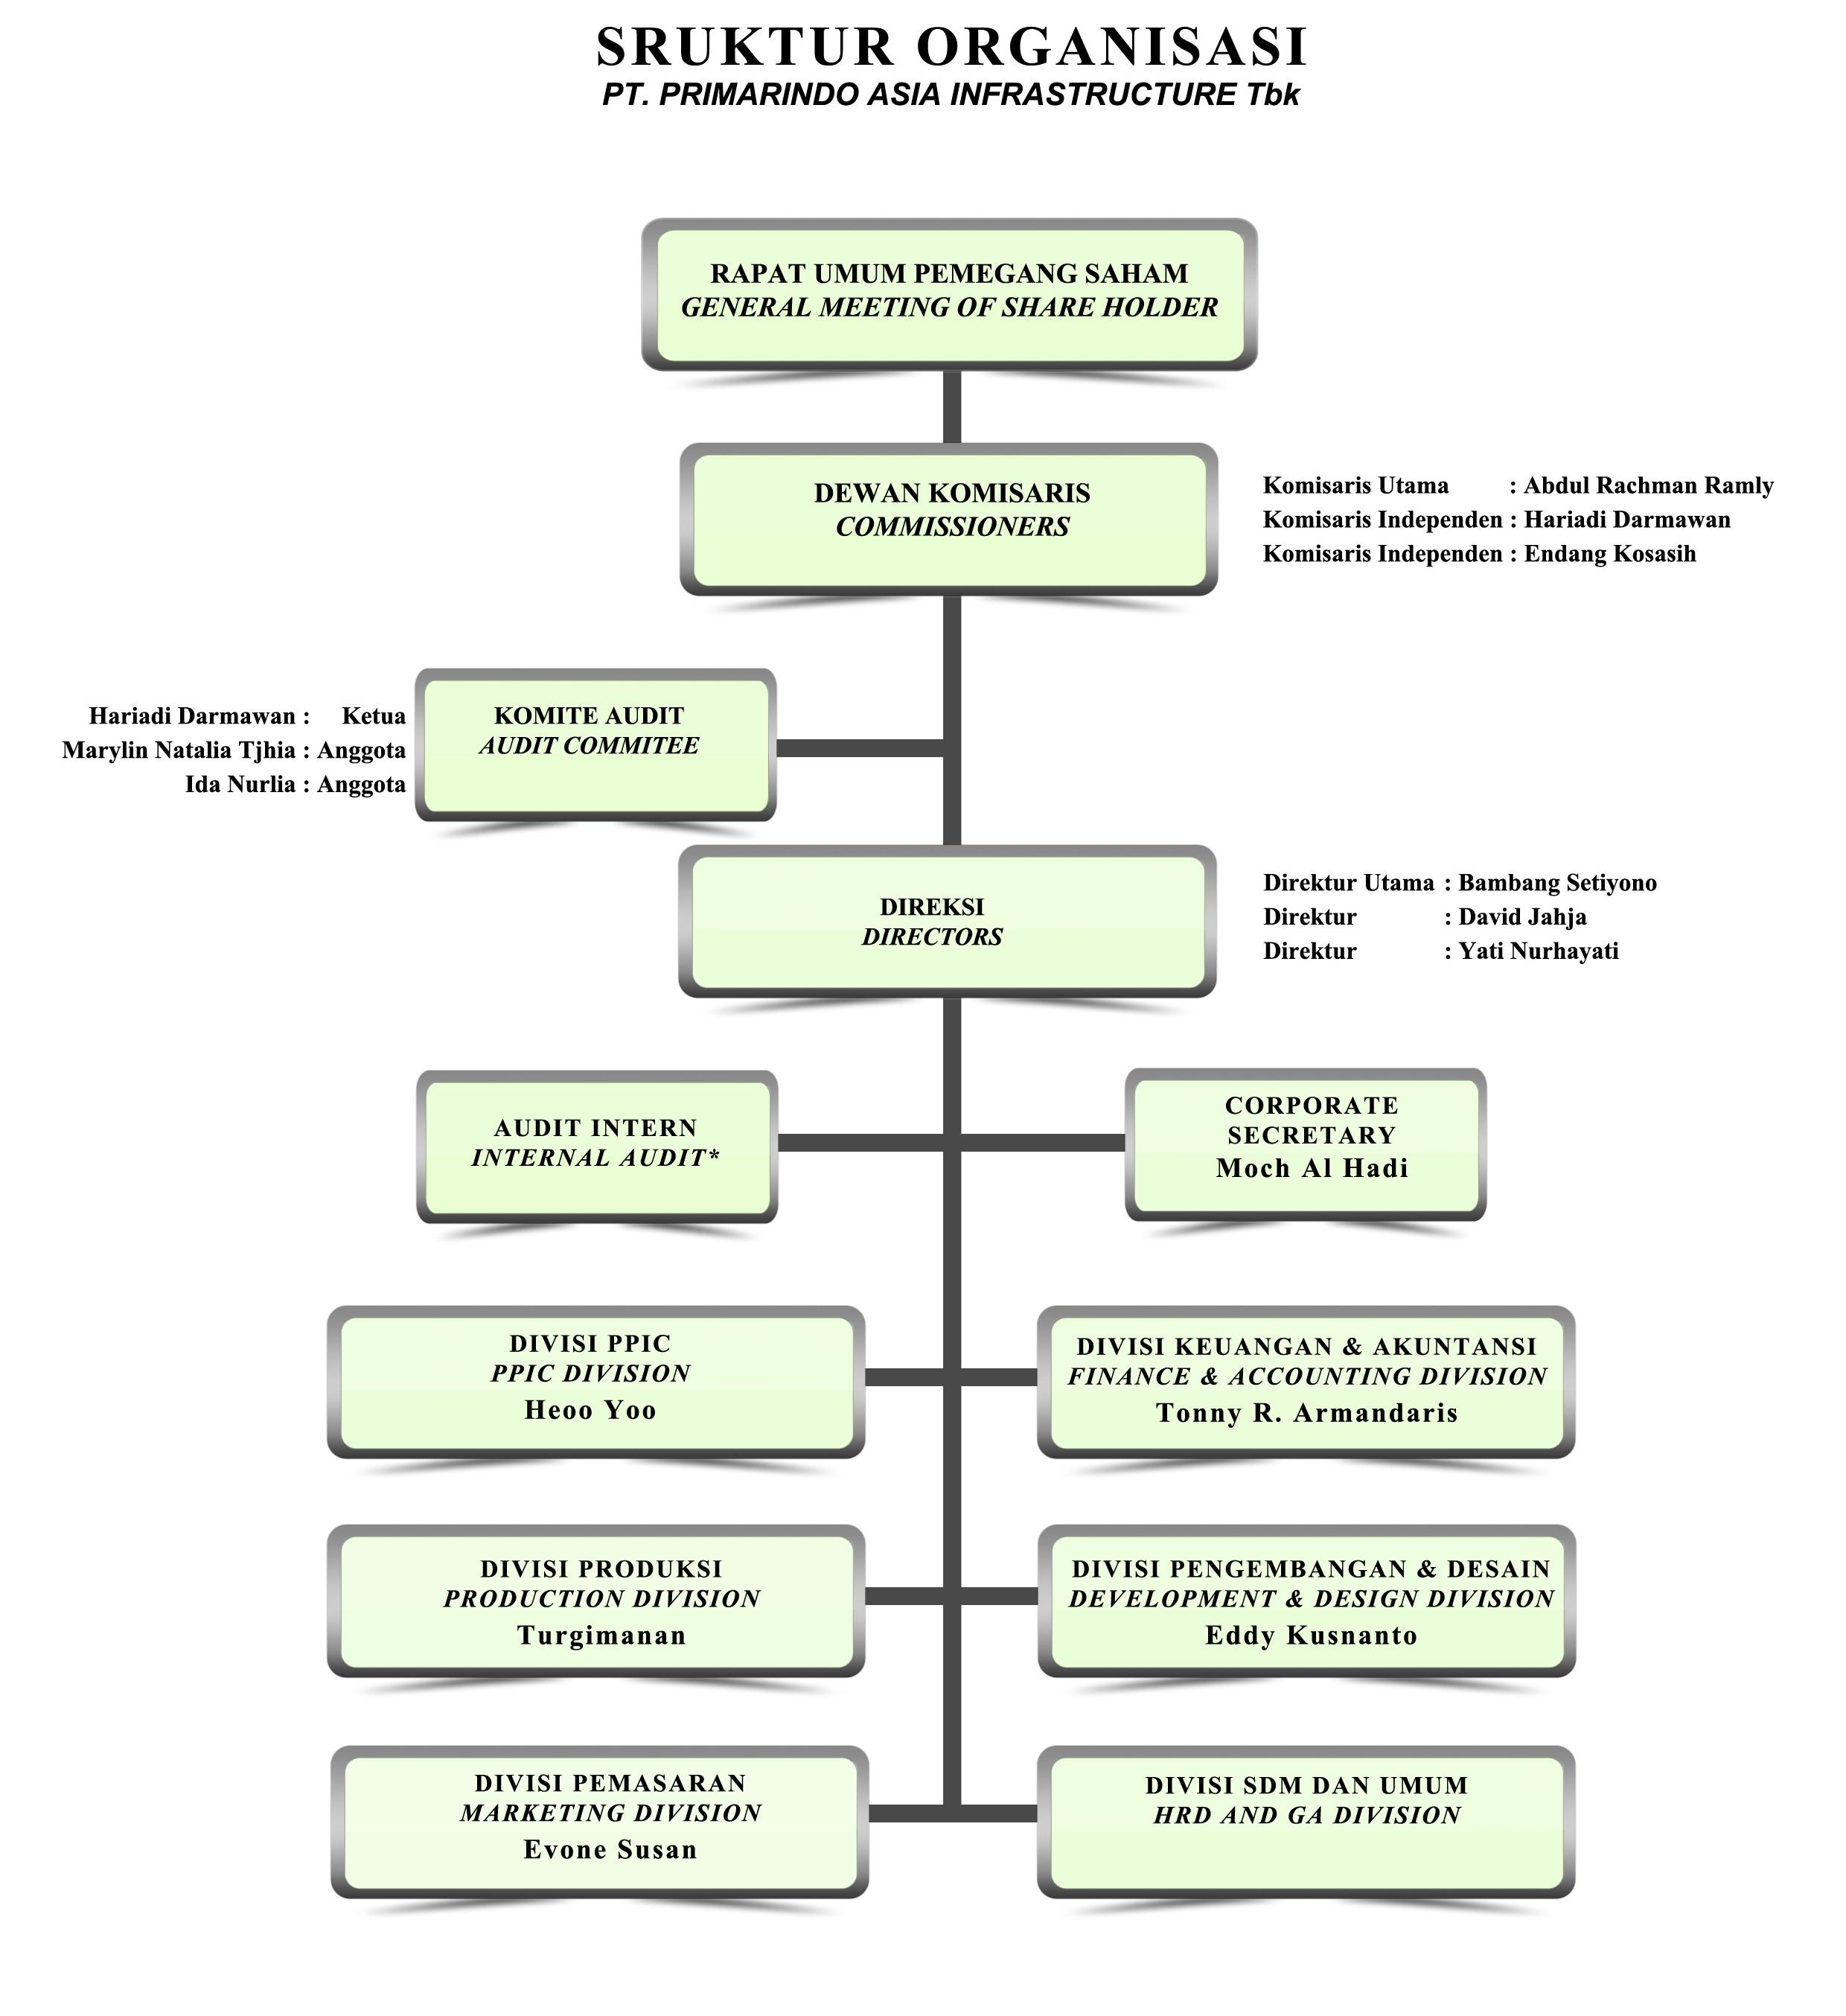 struktur organisasi pt primarindo asia infrastructure tbk Struktur Organisasi CV struktur organisasi